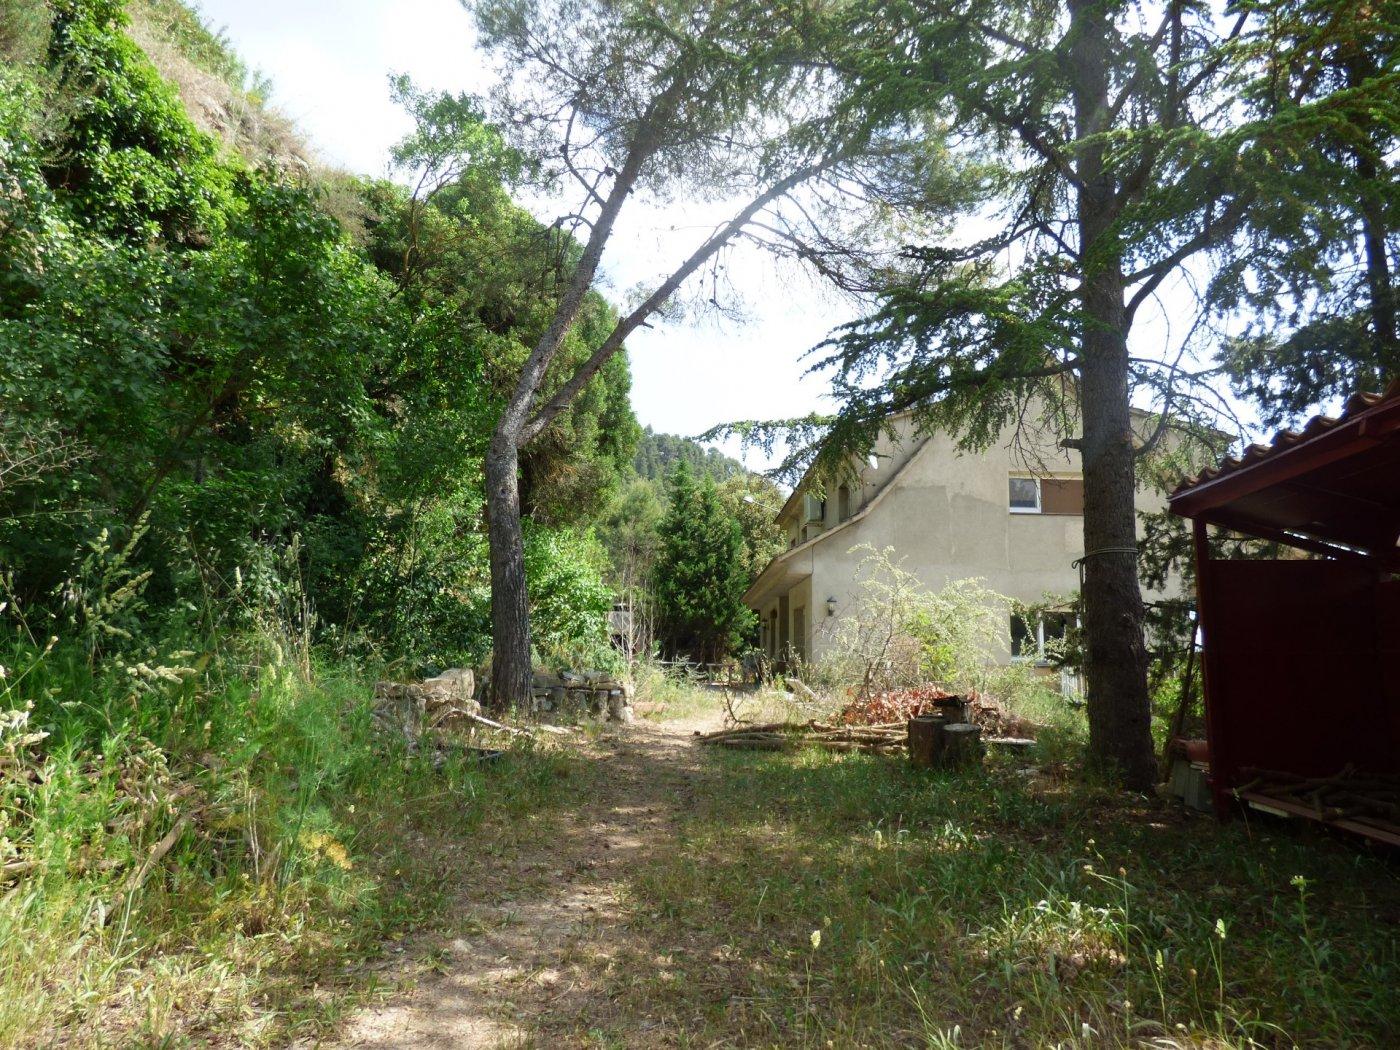 casa independiente con terreno en alquiler en plena naturaleza y mucha tranquilidad en marganell